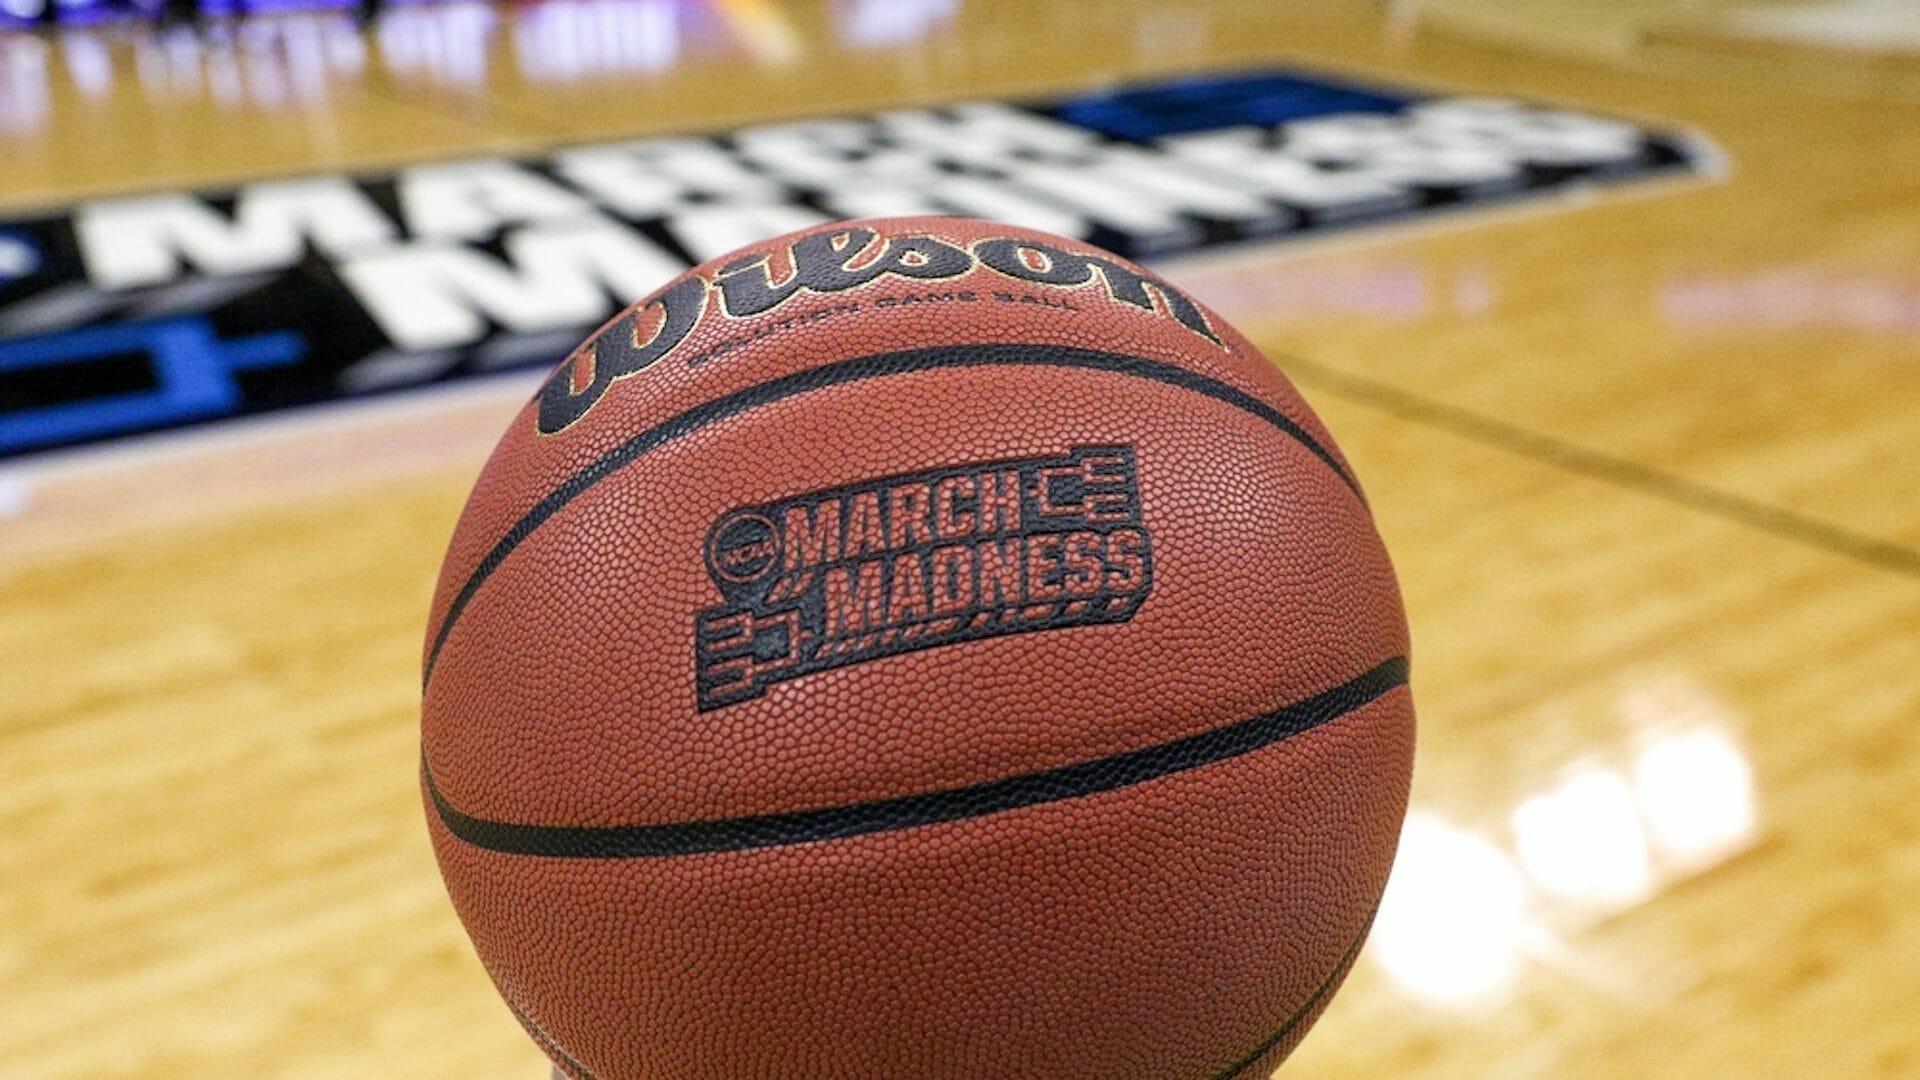 La «March Madness», l'évènement sportif qui rend fou les USA